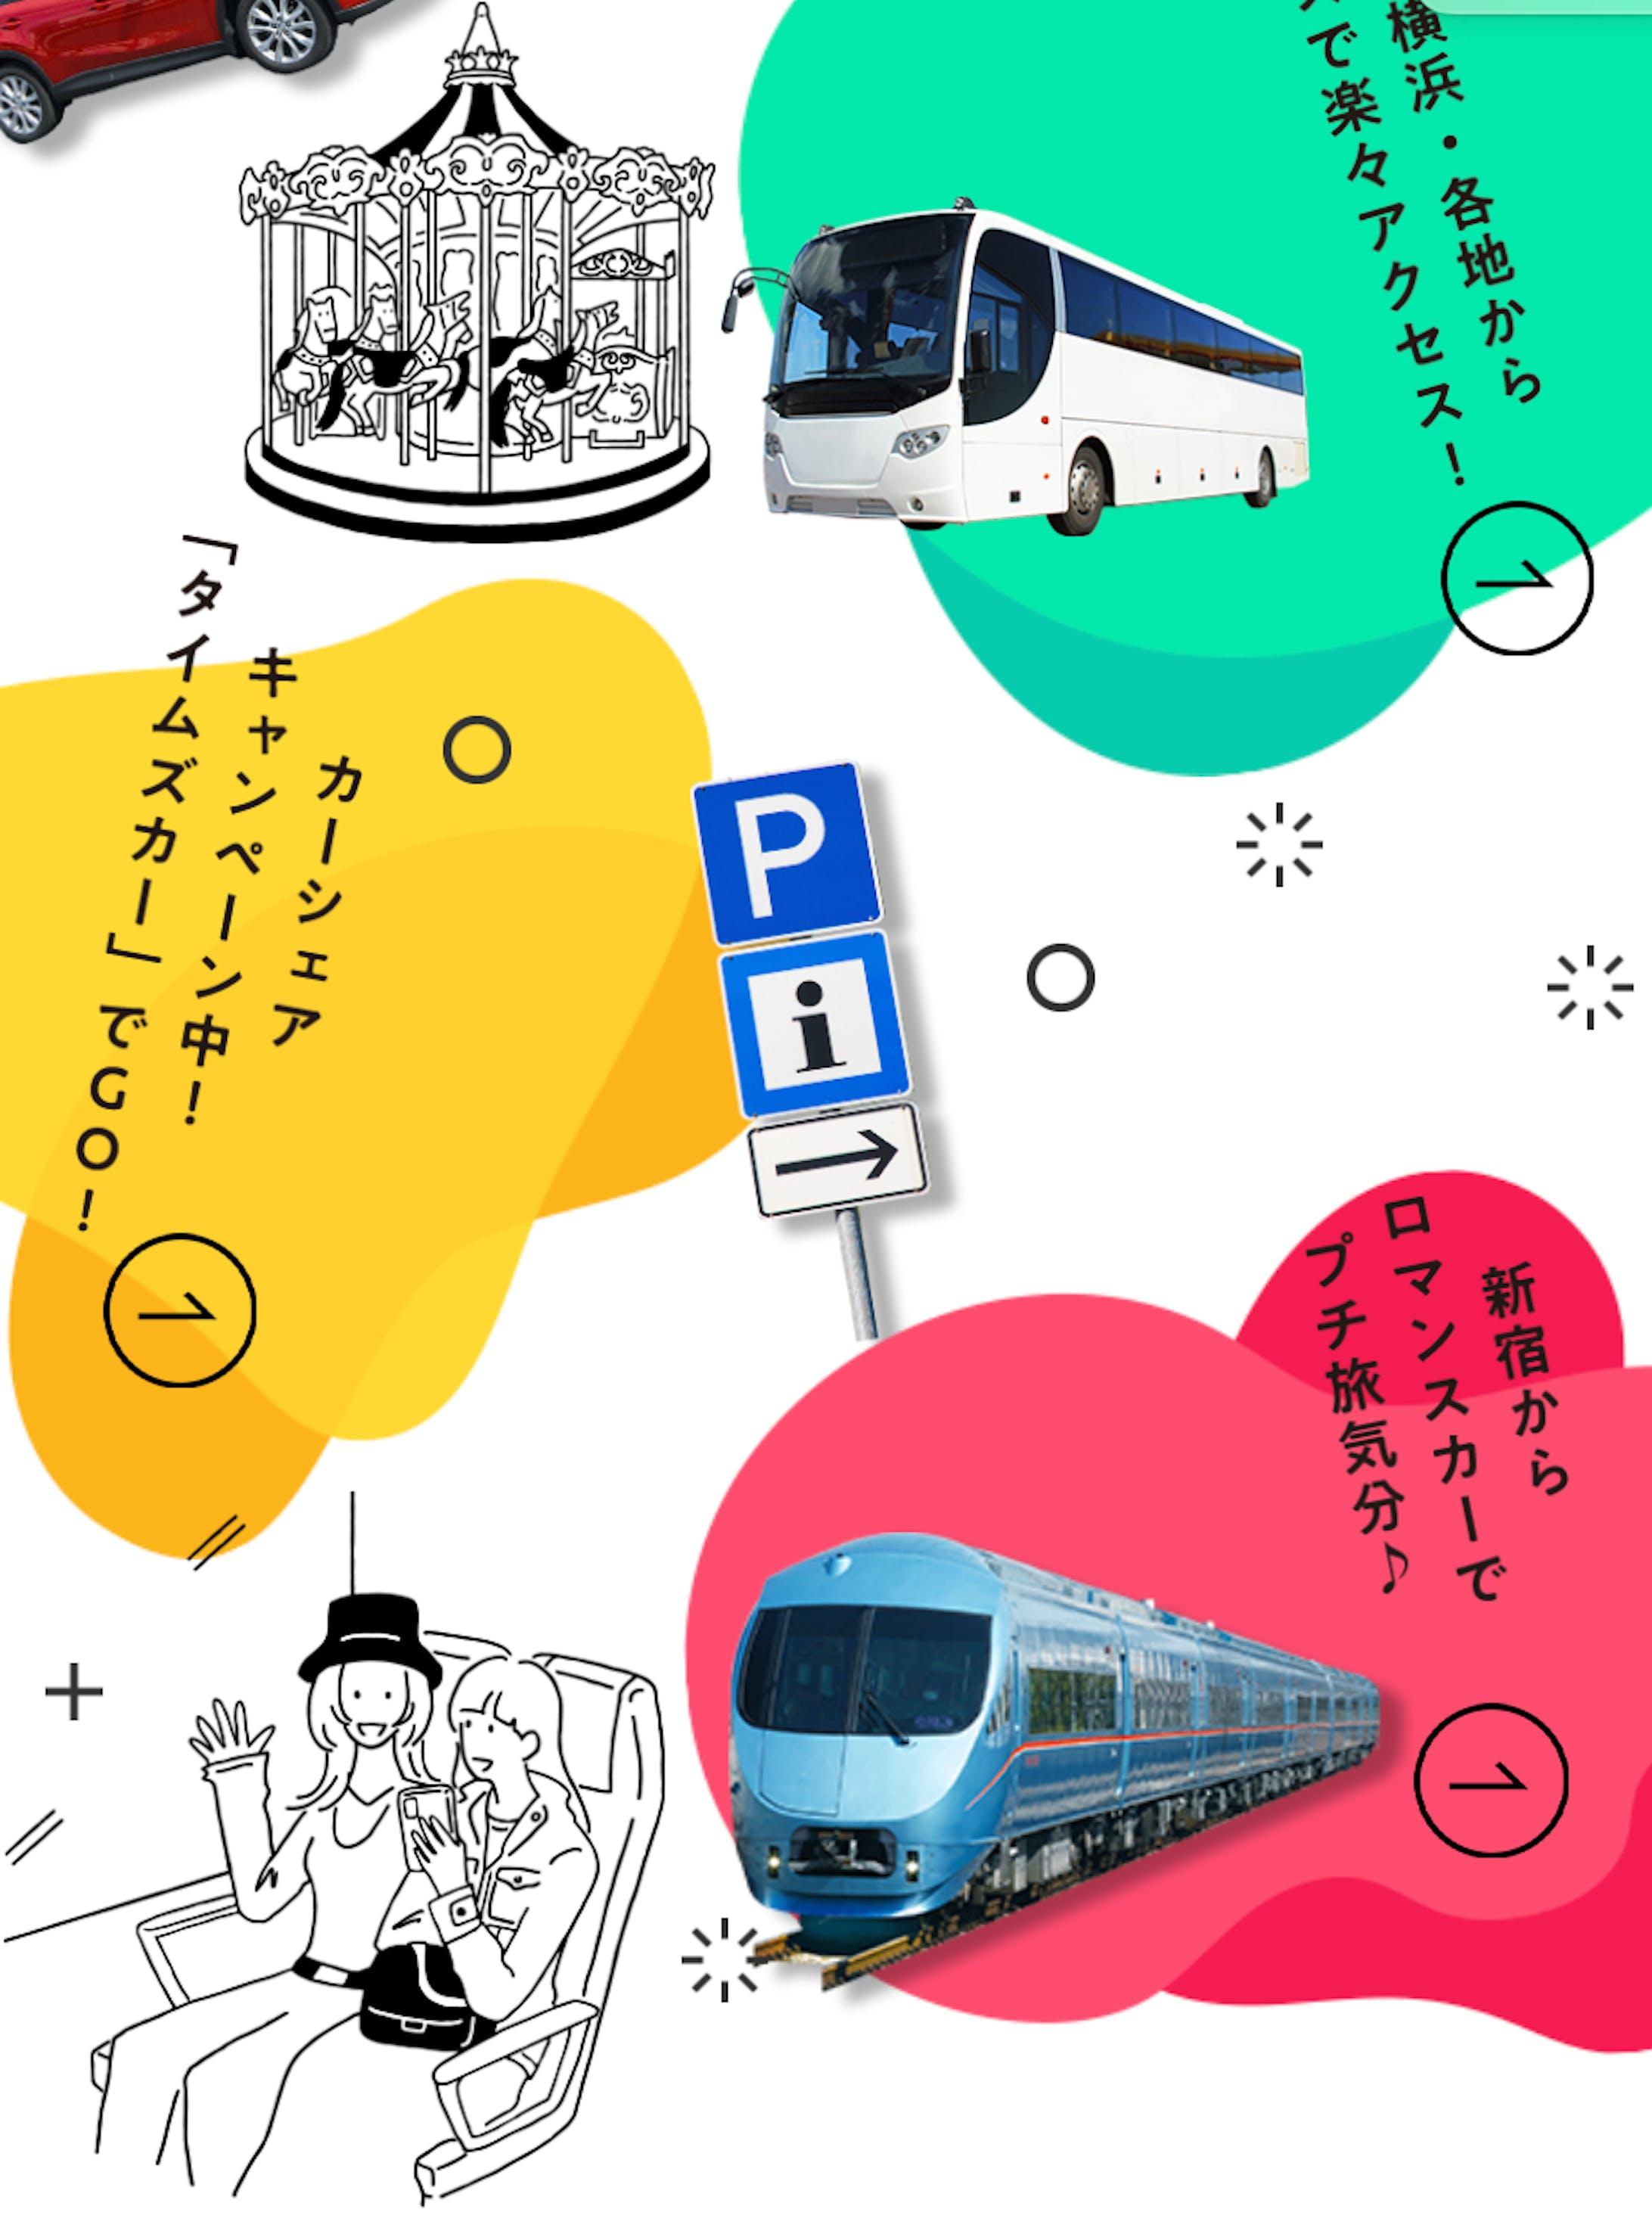 【web】御殿場アウトレット-5